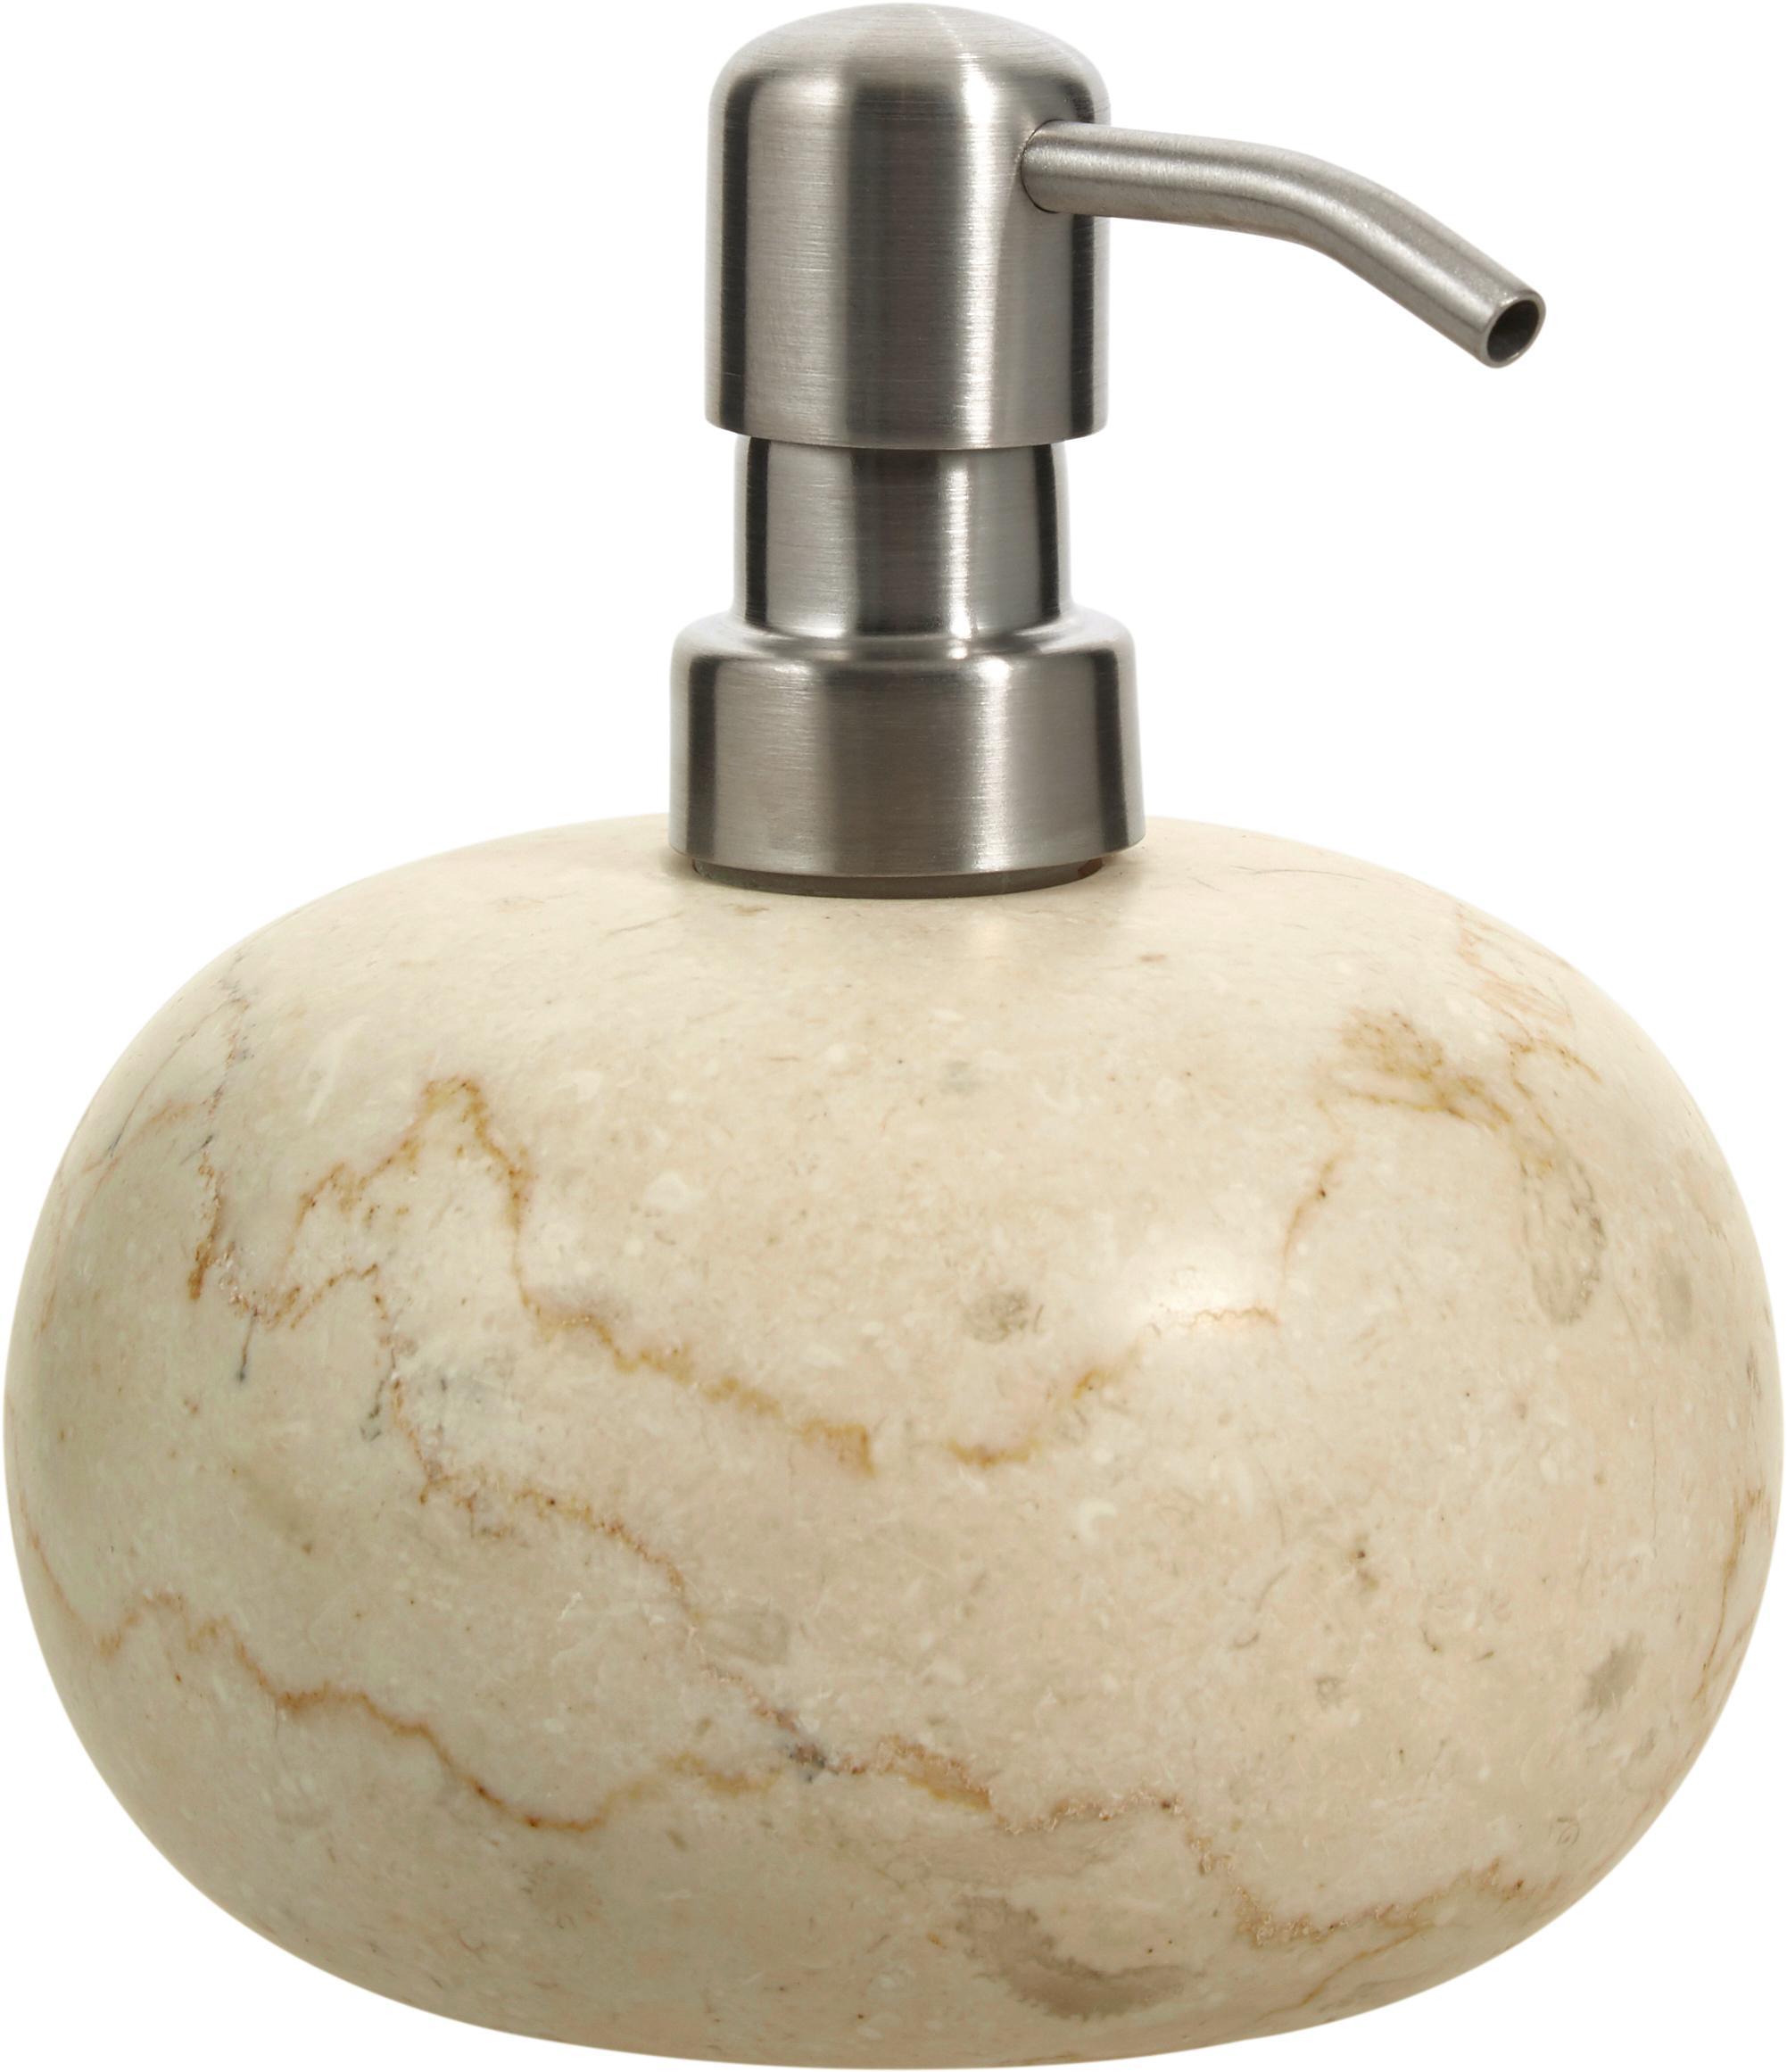 Dosificador de jabón de mármol Luxor, Recipiente: mármol, Dosificador: acero inoxidable, Beige, acero, Ø 12 x Al 13 cm